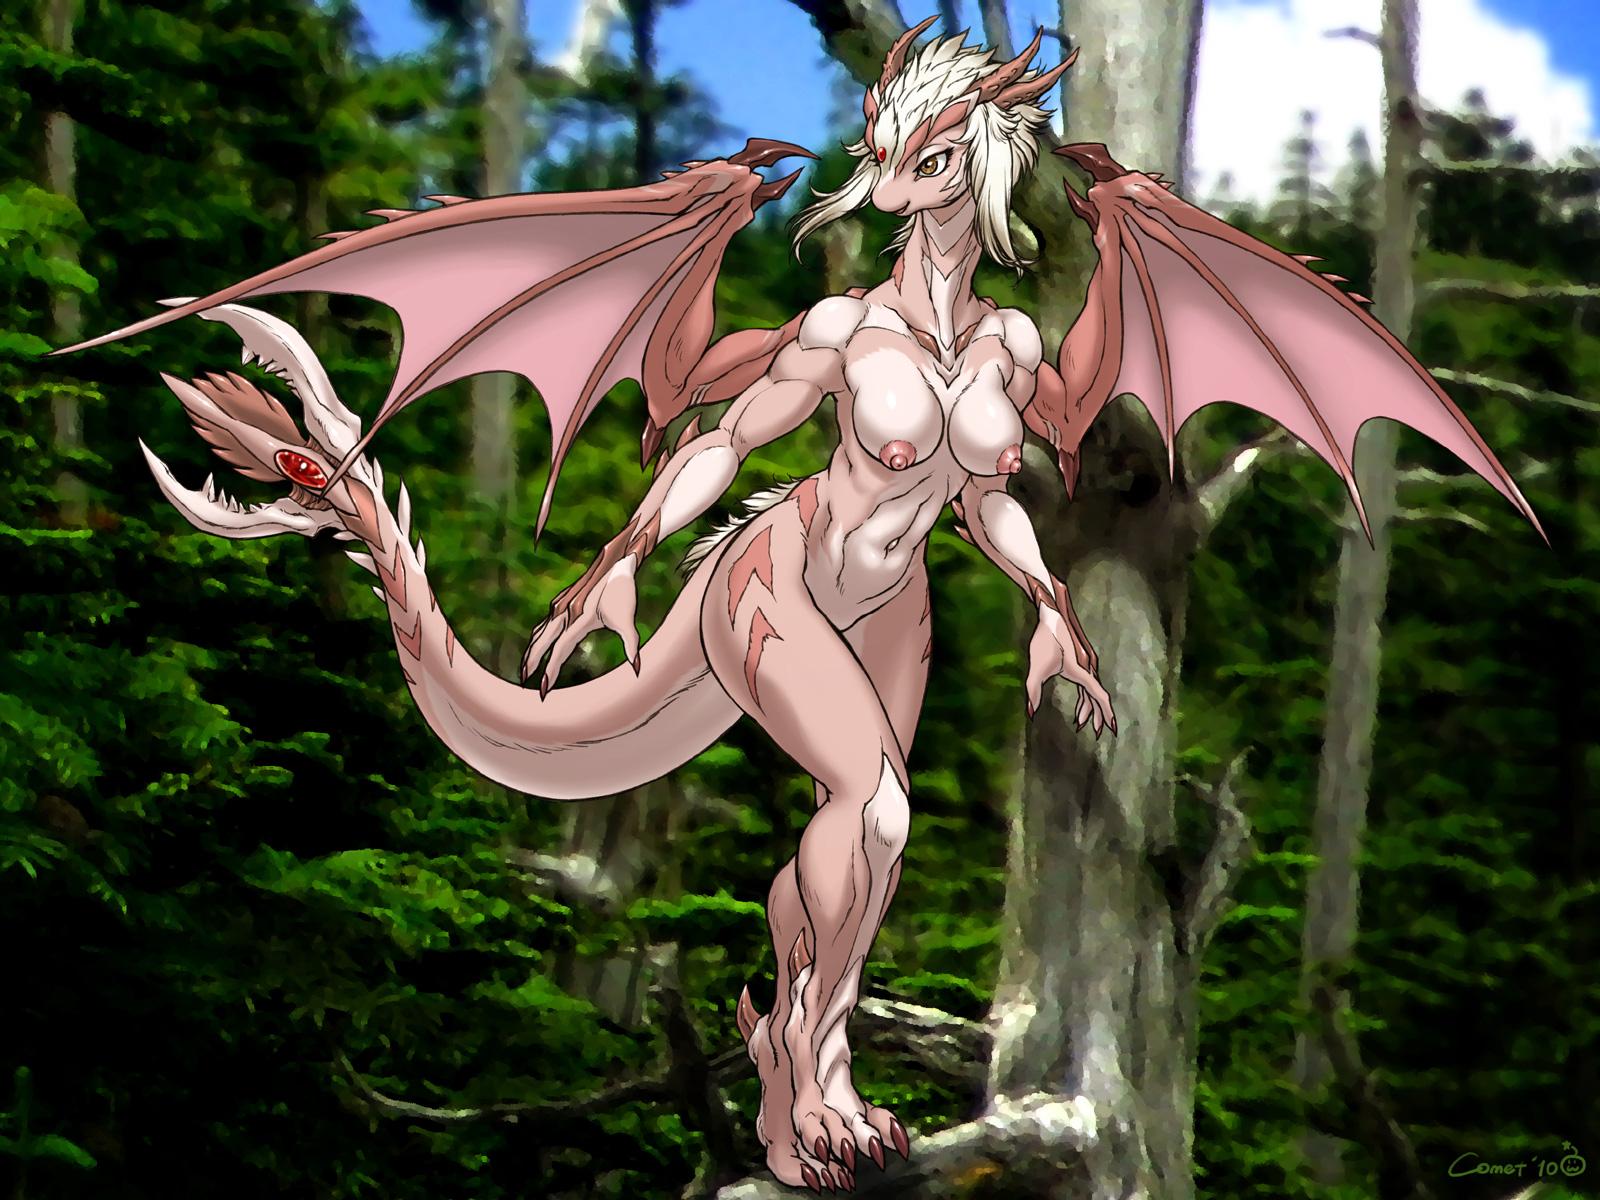 Пизда дракона